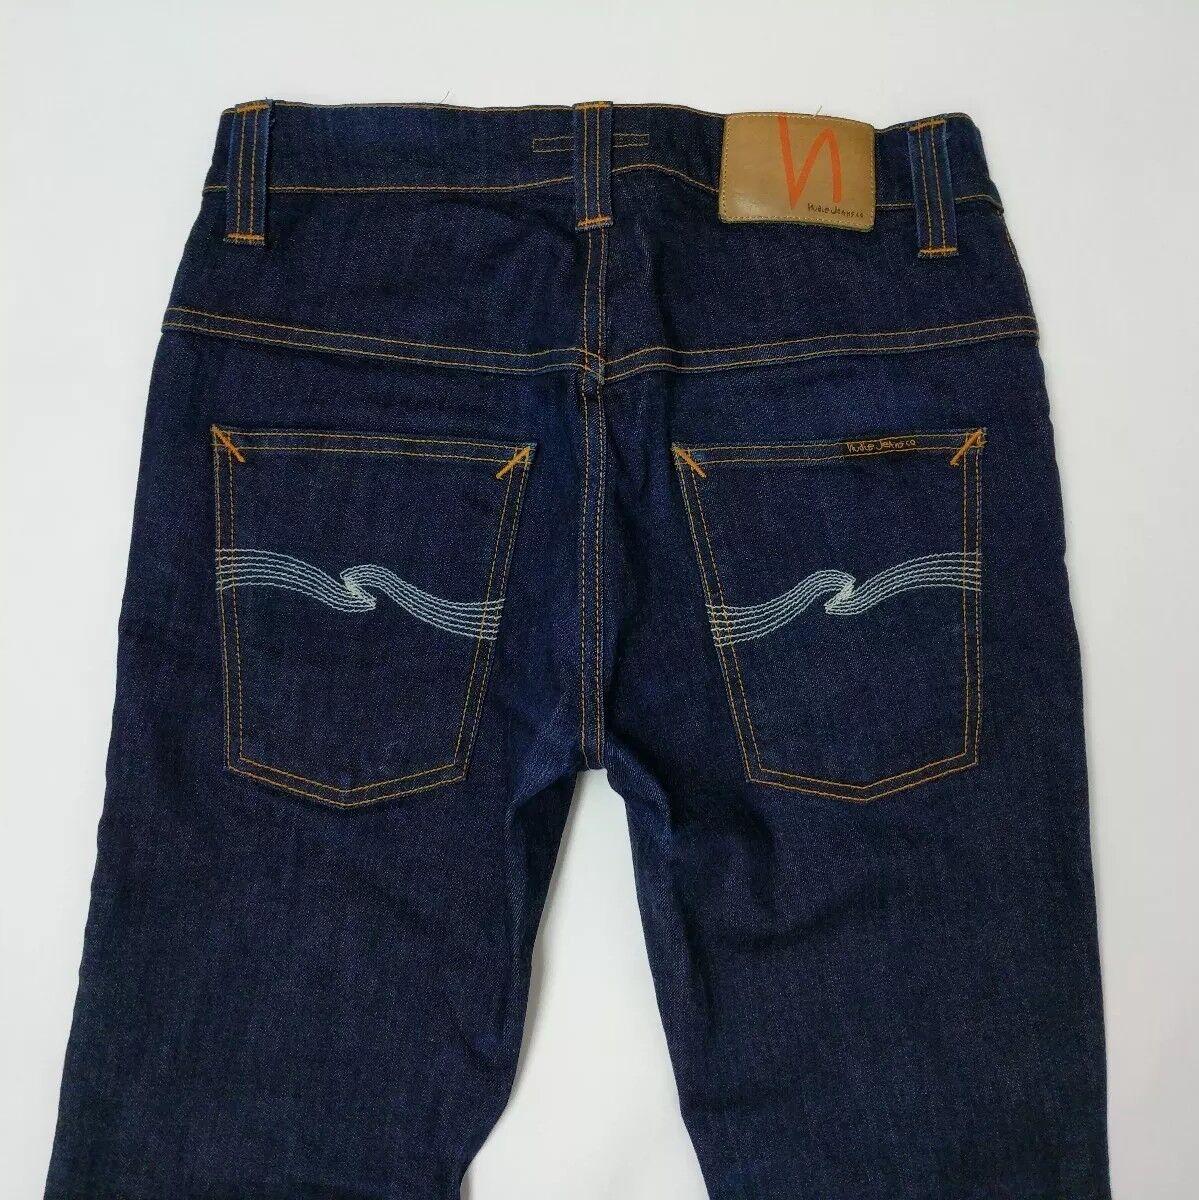 Nudie Jeans da uomo Thin Finn Skinny Fit Stretch Cotone Biologico W30 L31 RRP